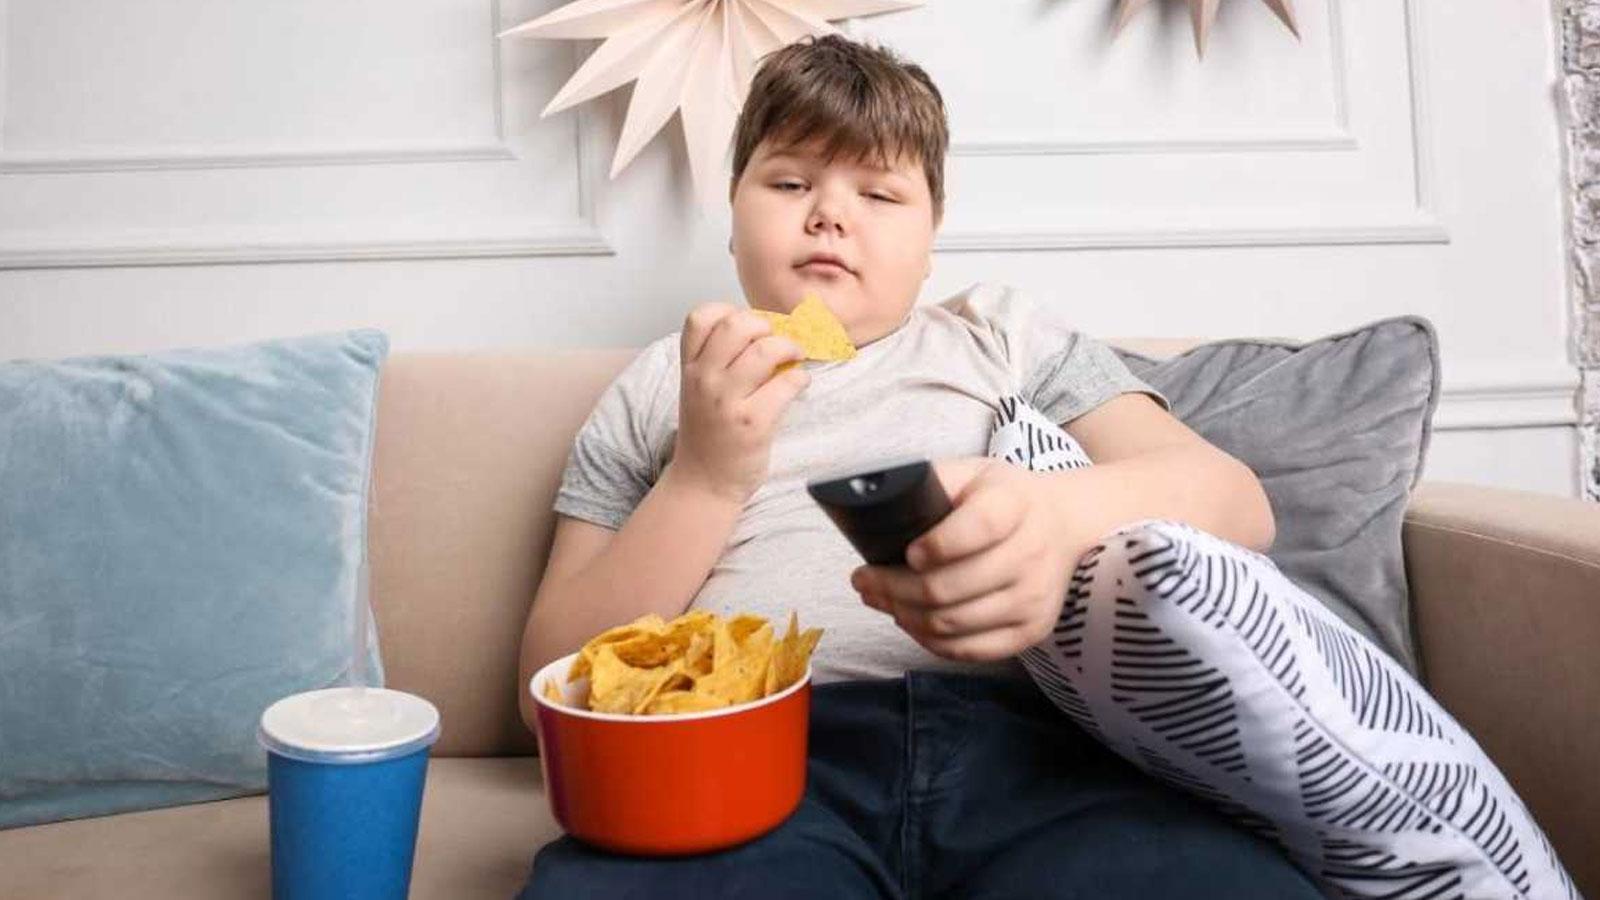 ABD'de çocuklarda görülen obezite tehlikeli rakamlara ulaştı